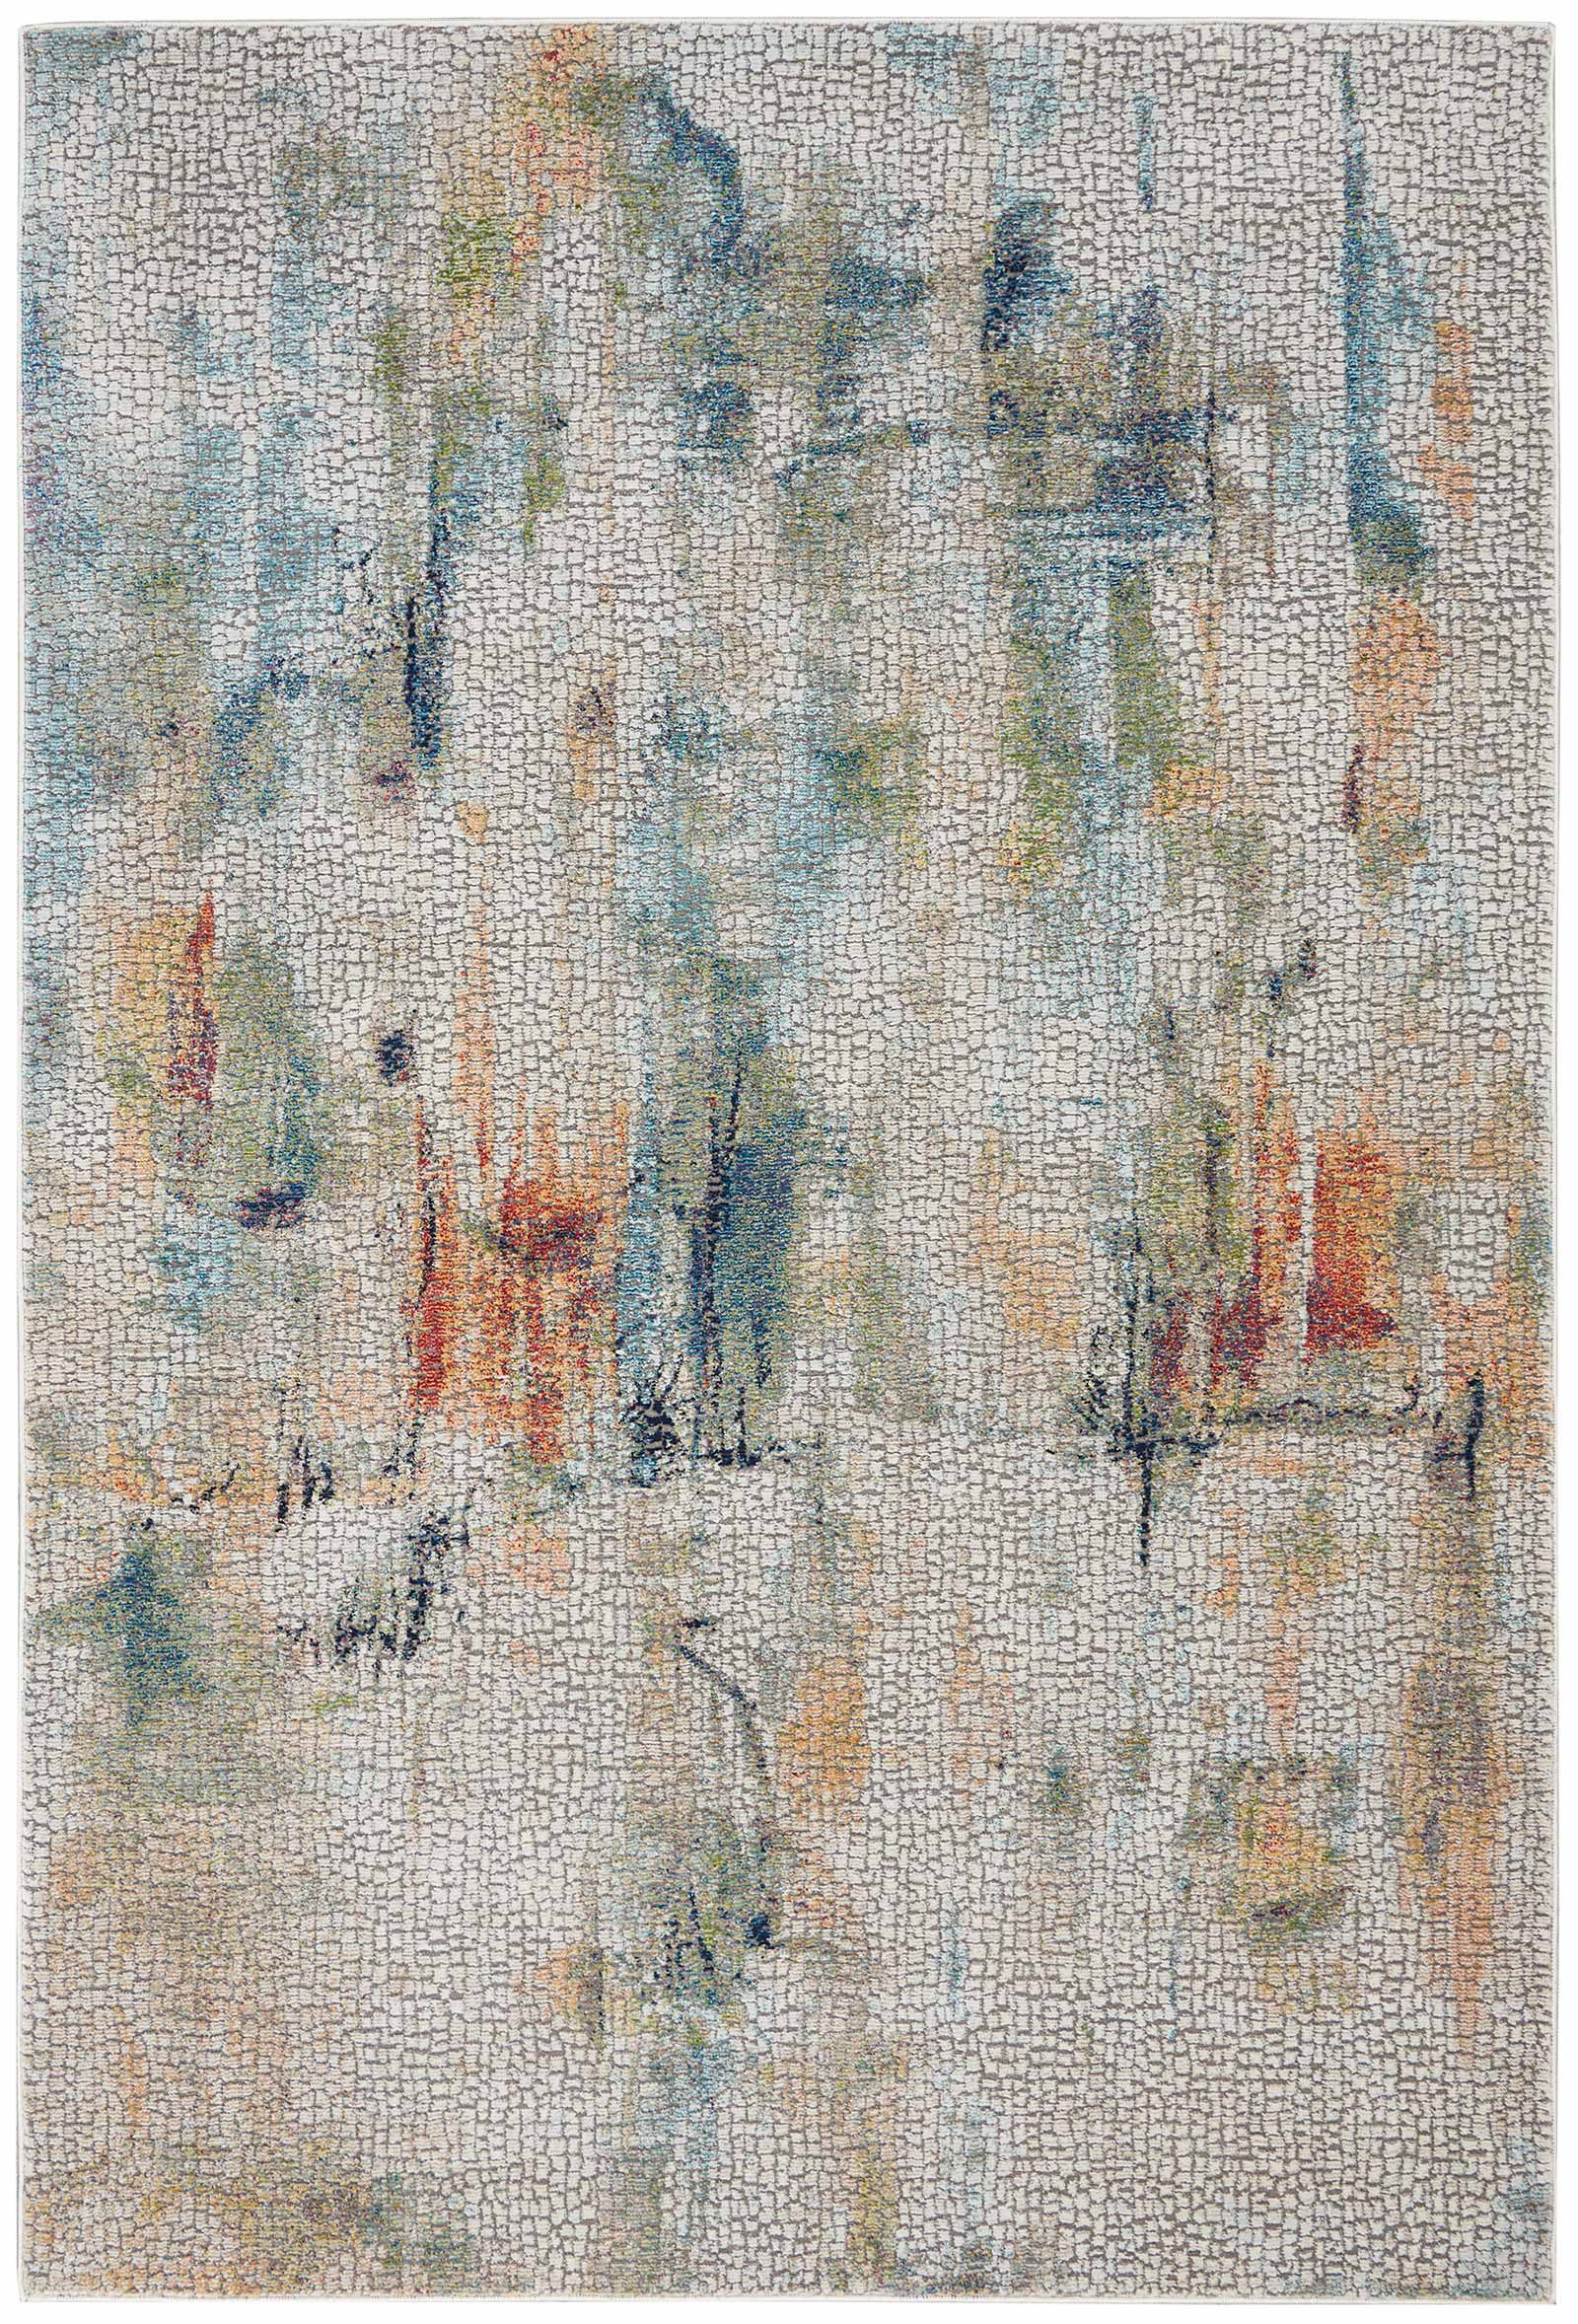 Andessi tapijt Ankara Global ANR09 IVMTC 5x8 099446474896 flat